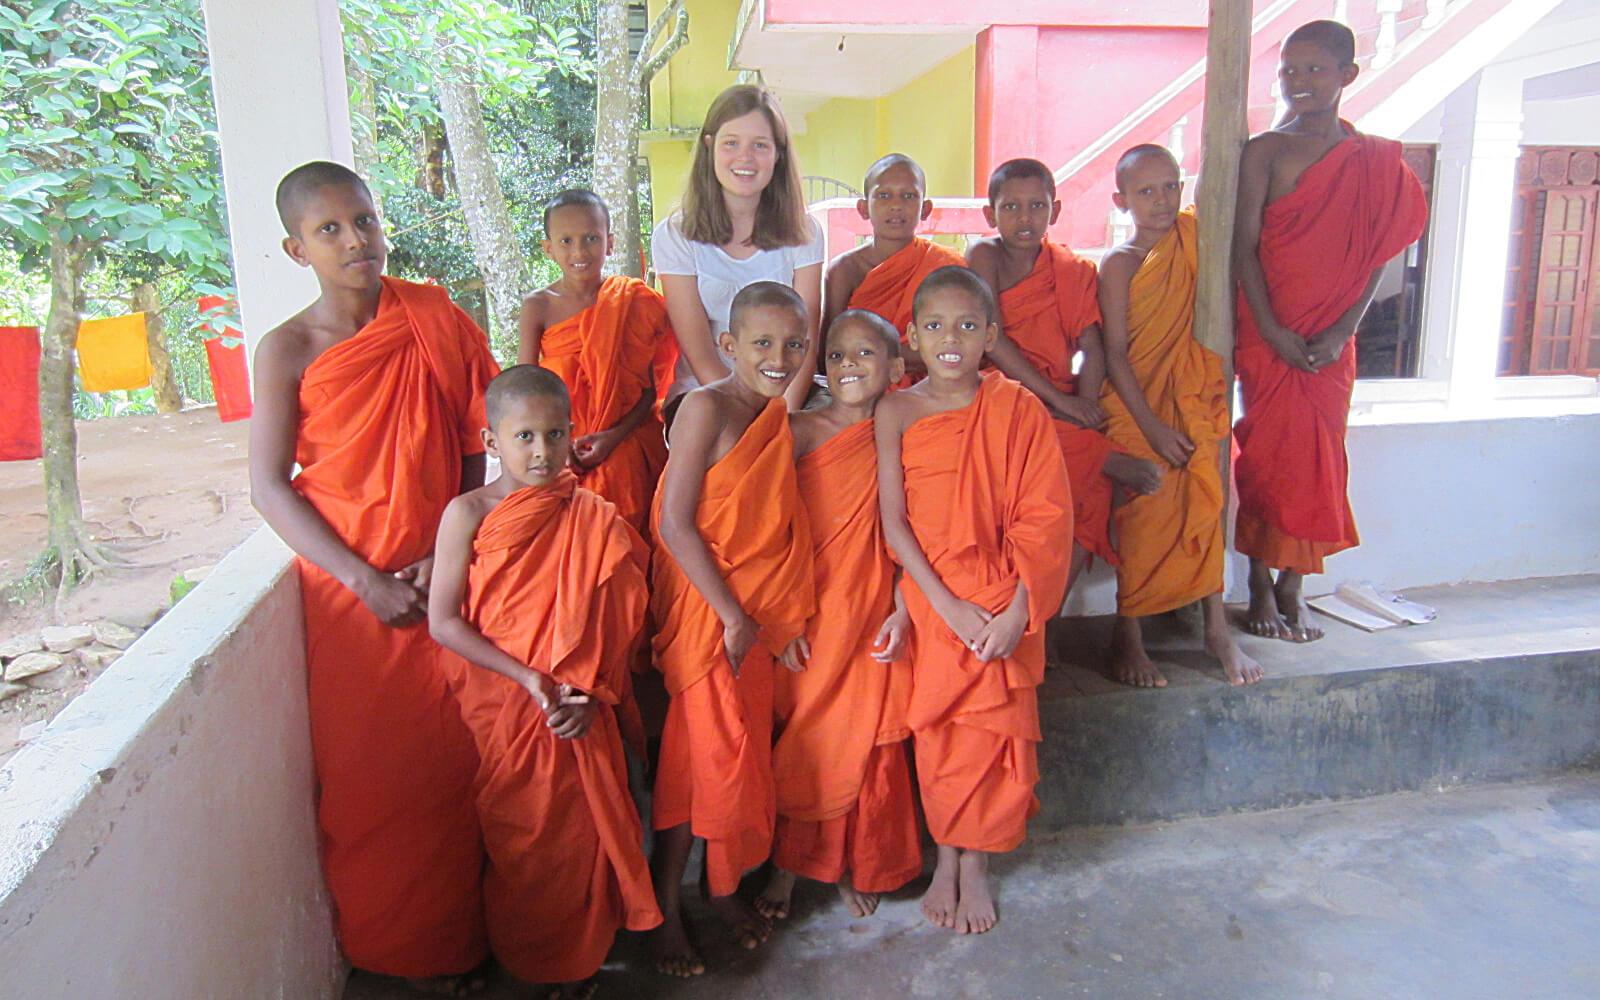 Corinna mit den Kinder-Mönchen